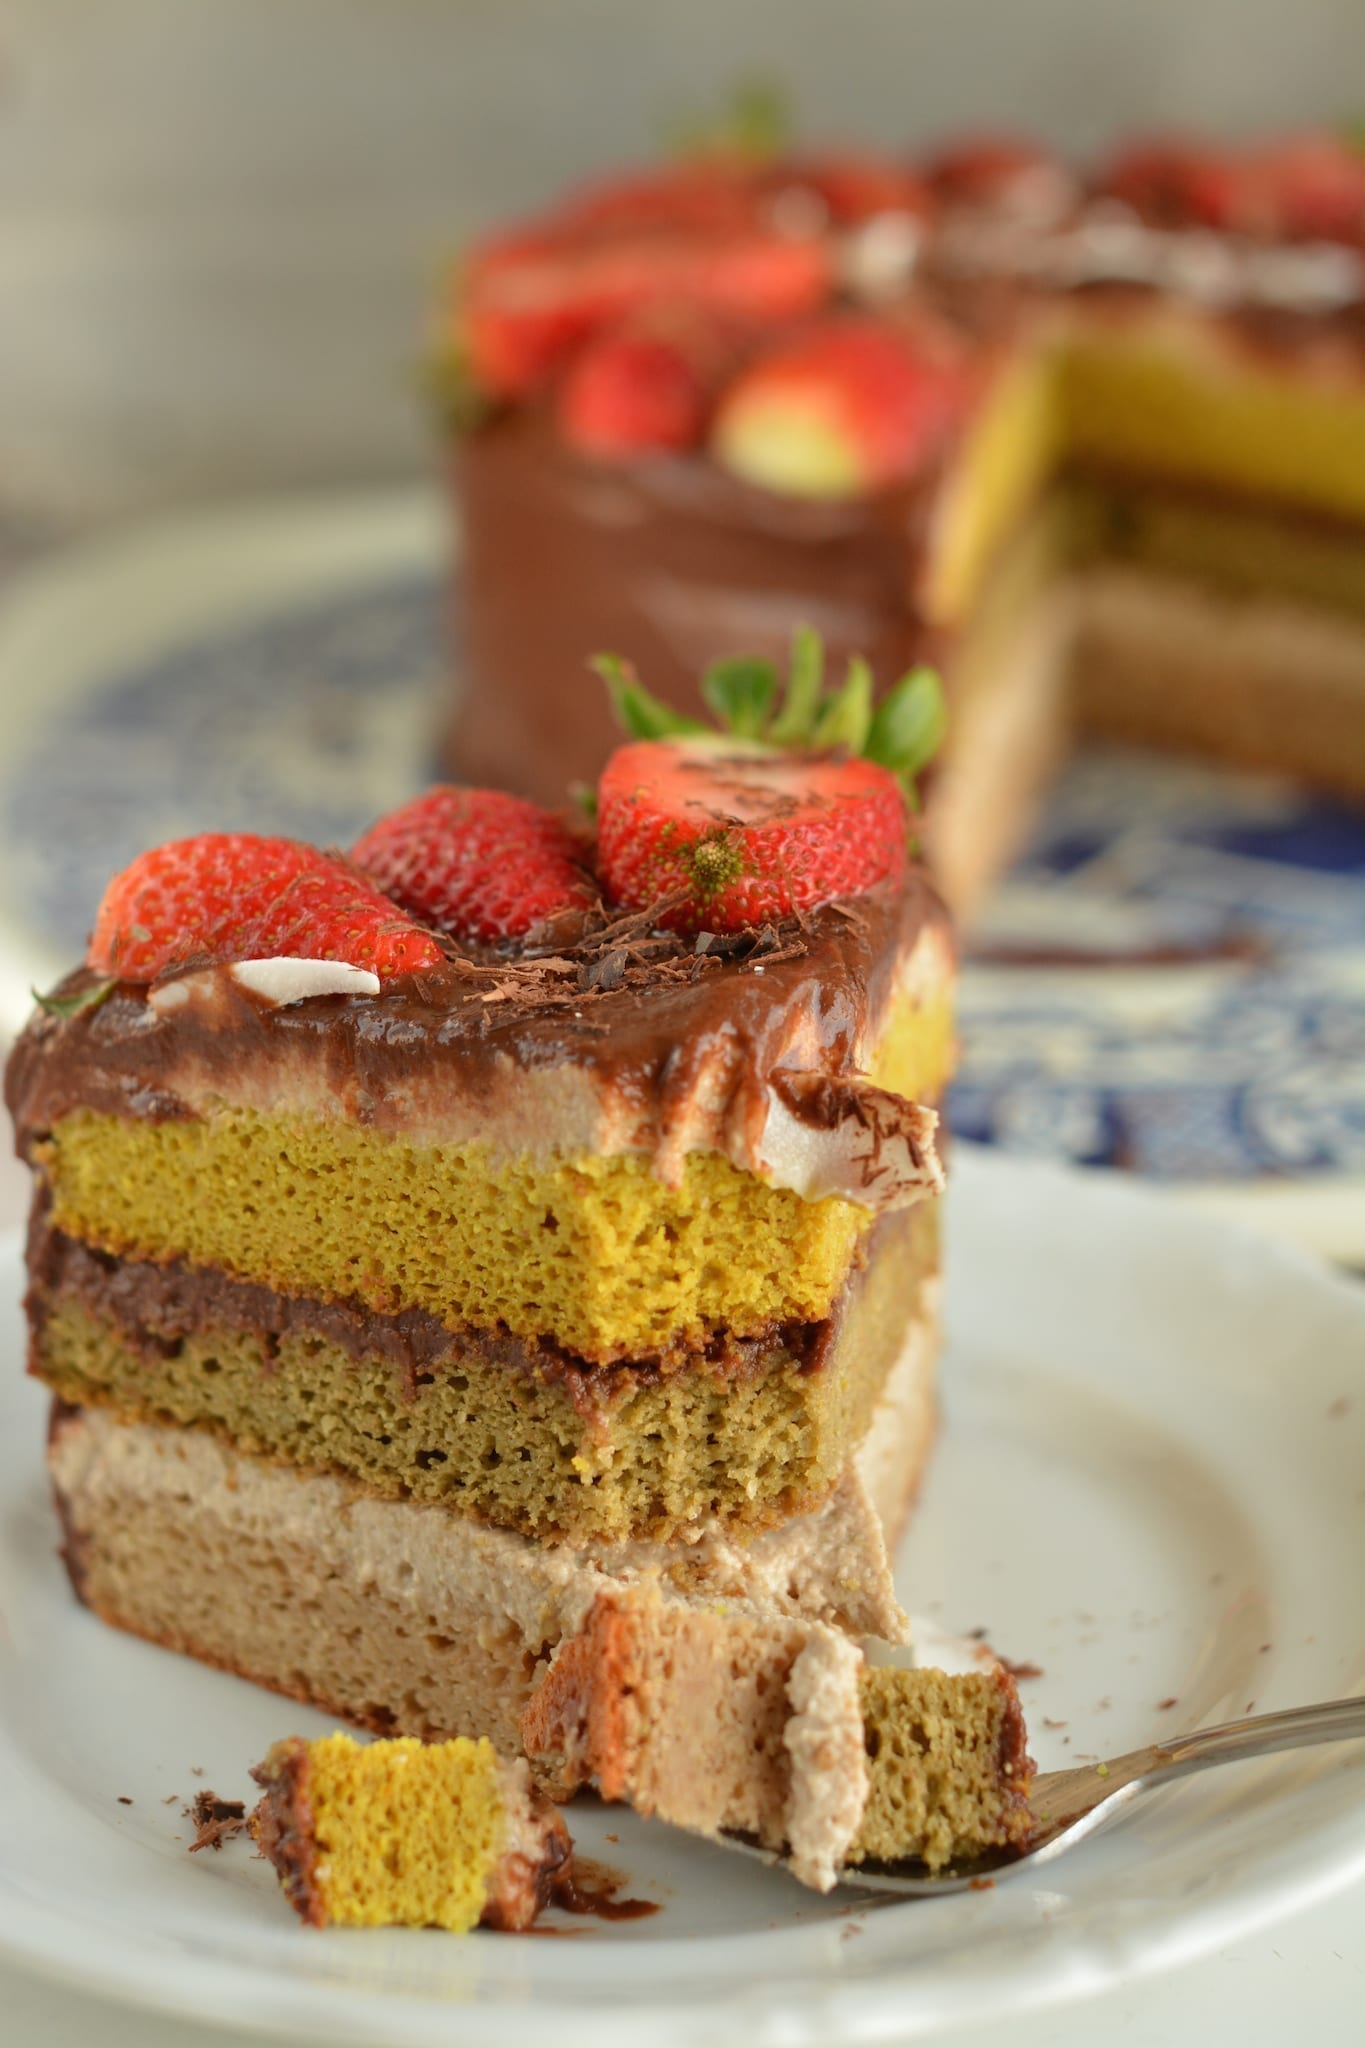 Ricotta-Chocolate Sponge Cake, Gluten-Free